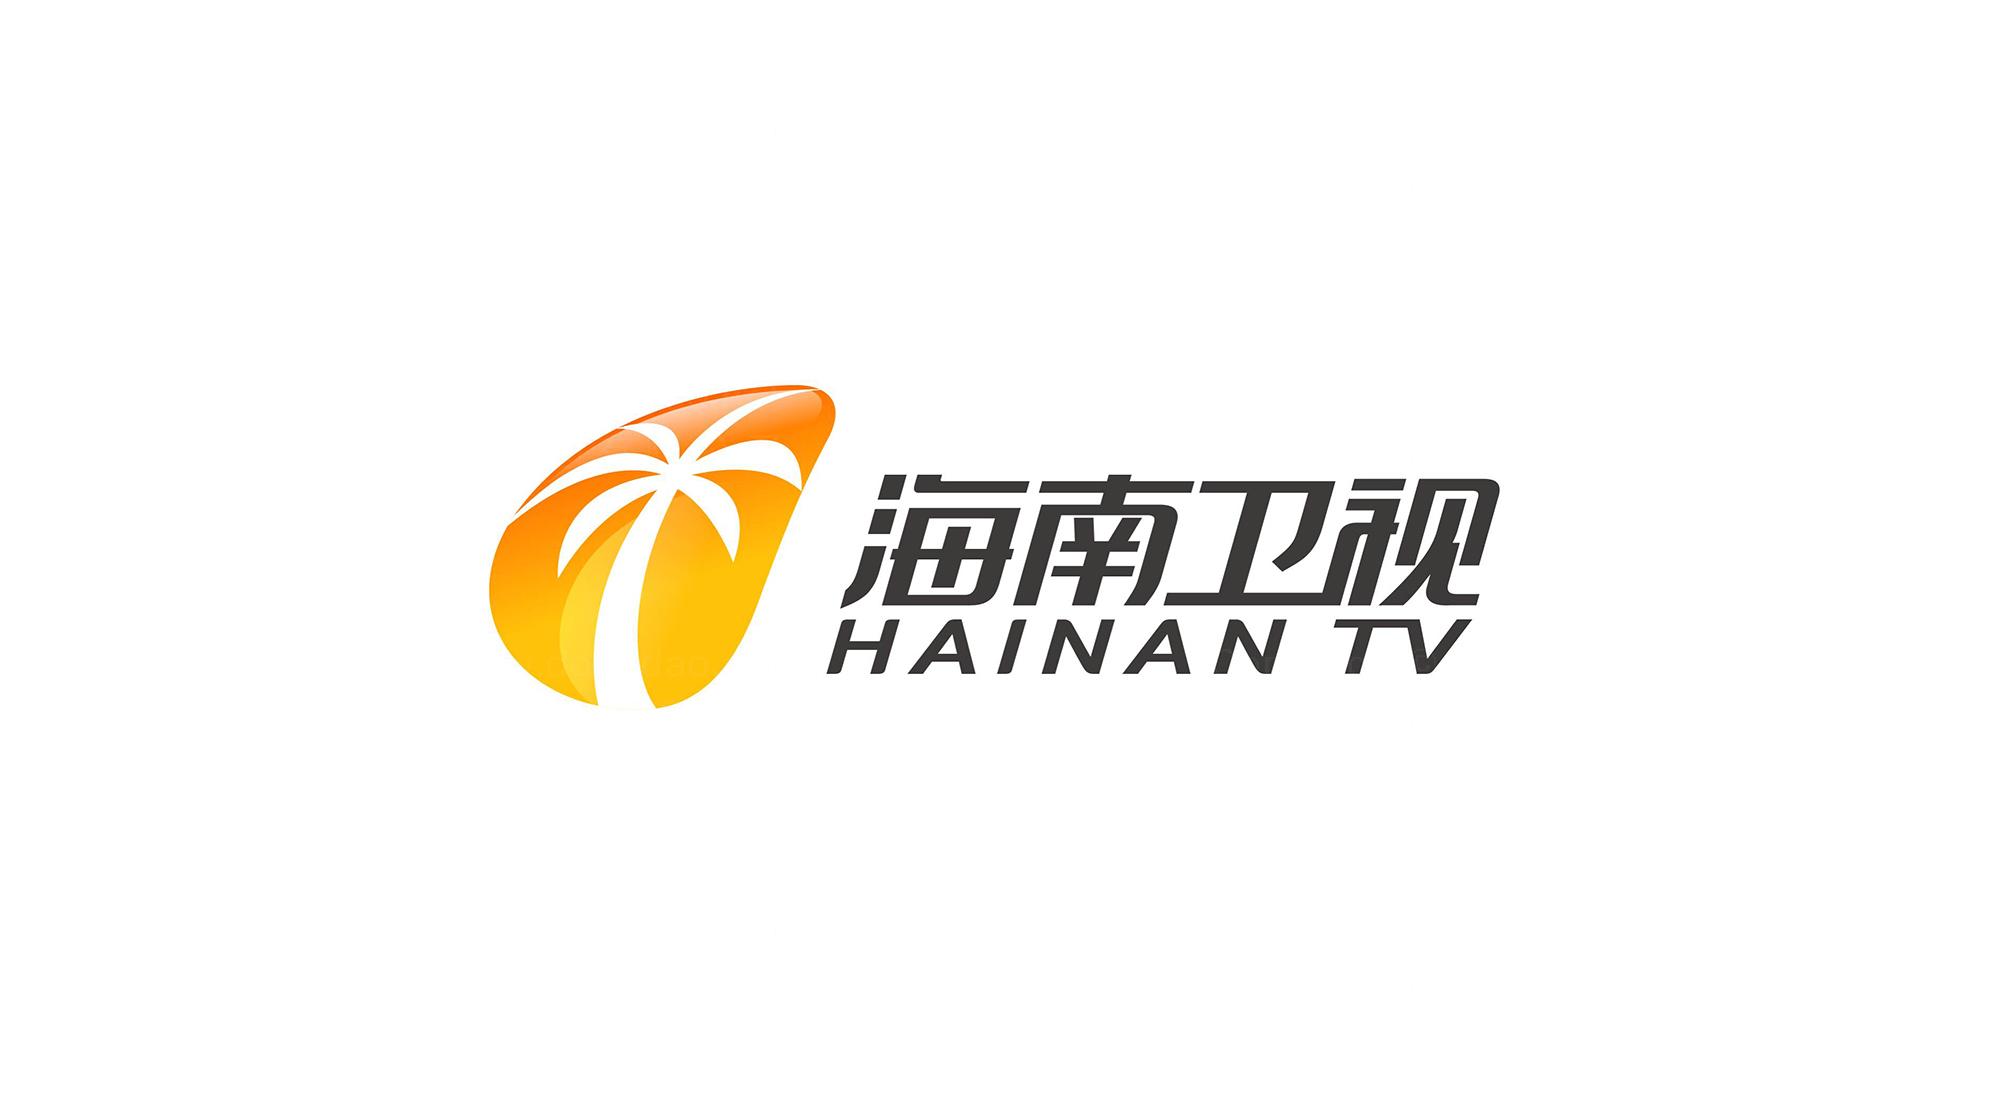 文体娱媒品牌设计海南卫视标志设计